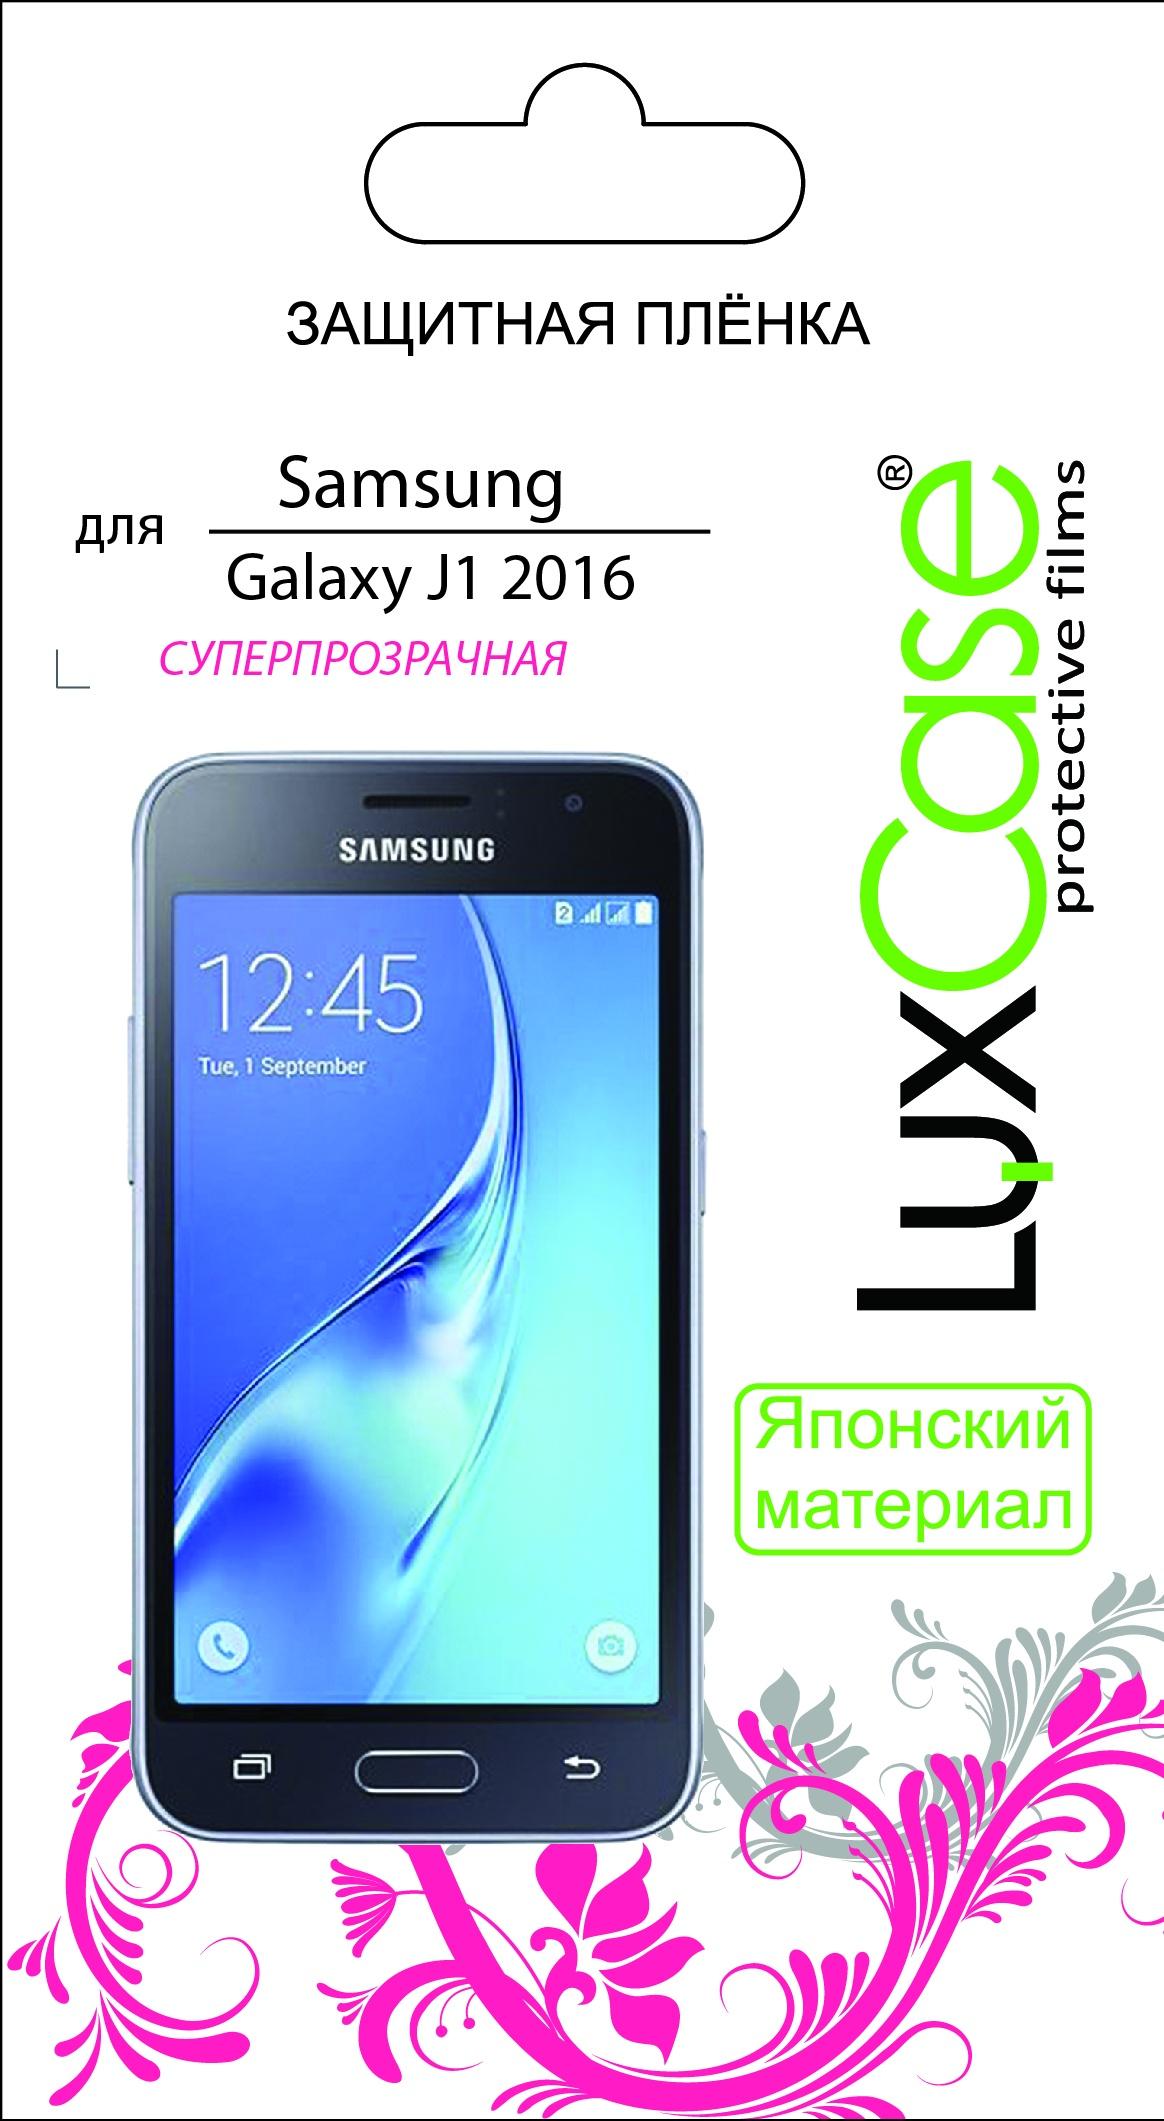 Пленка Samsung Galaxy J1 / 2016 / глянцевая защитная пленка luxcase для samsung galaxy j1 2016 глянцевая